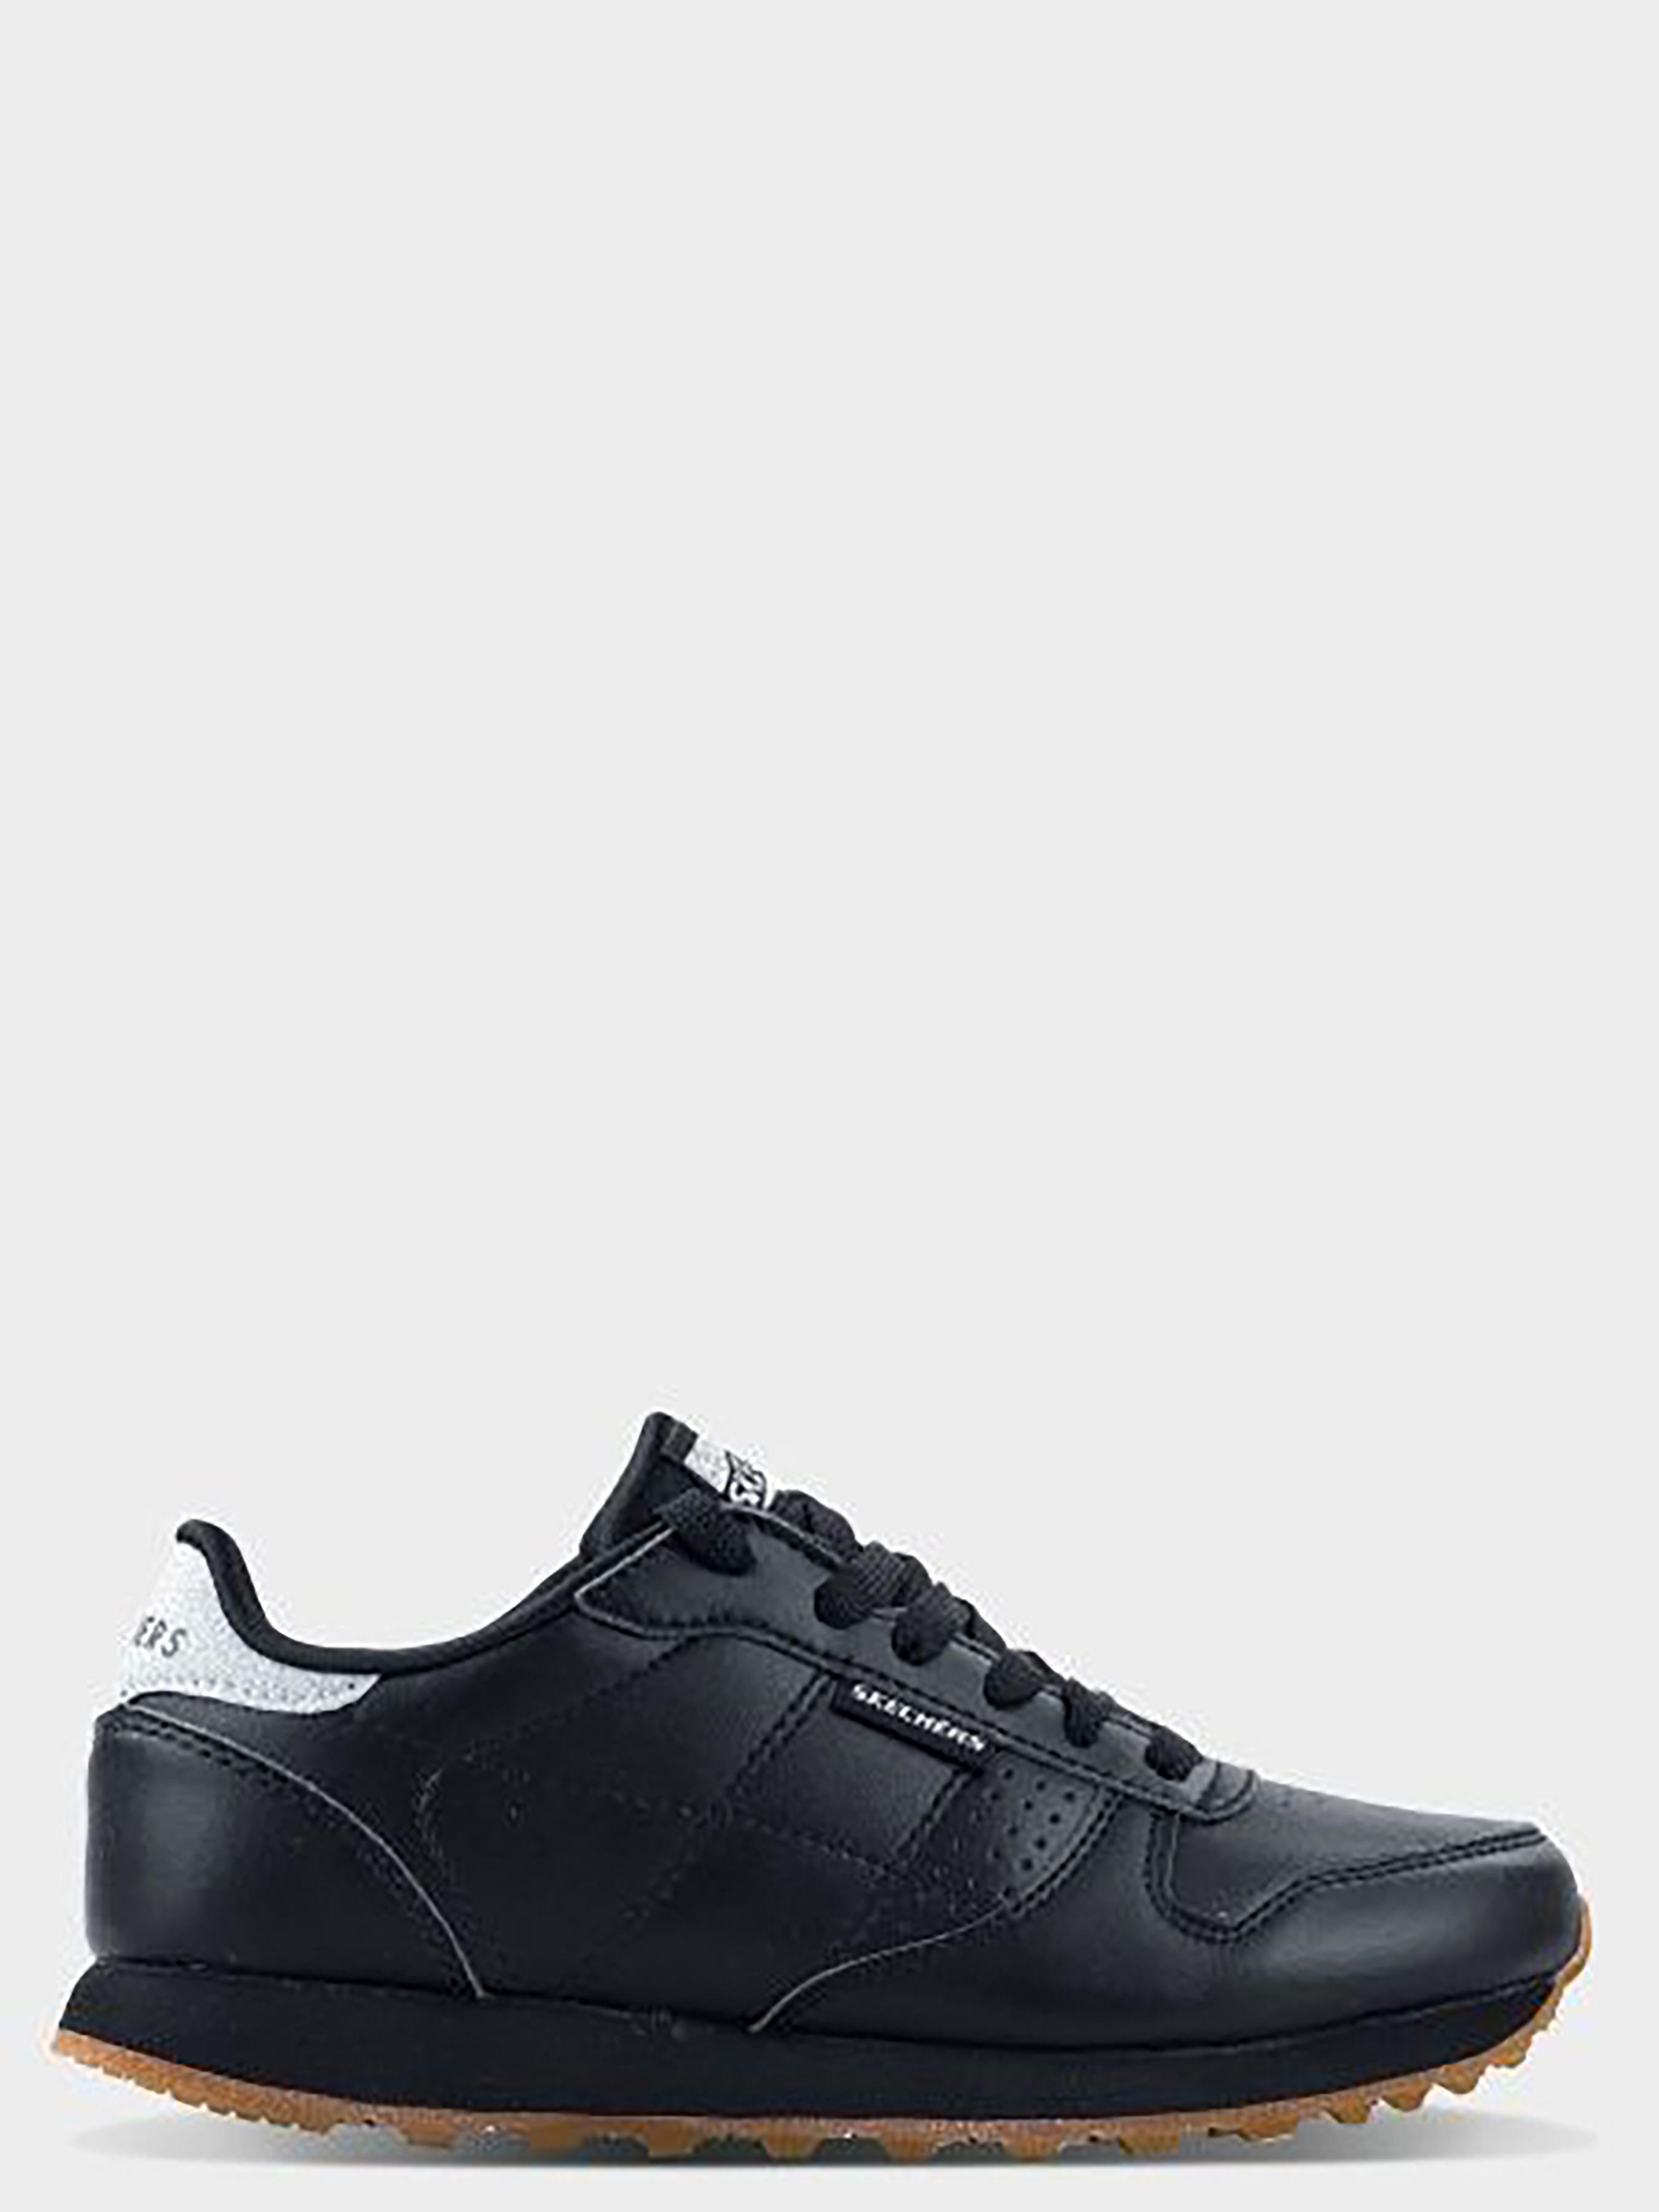 Skechers Кросівки жіночі модель KW4579 - купити за найкращою ціною в ... 60b325951aaf4